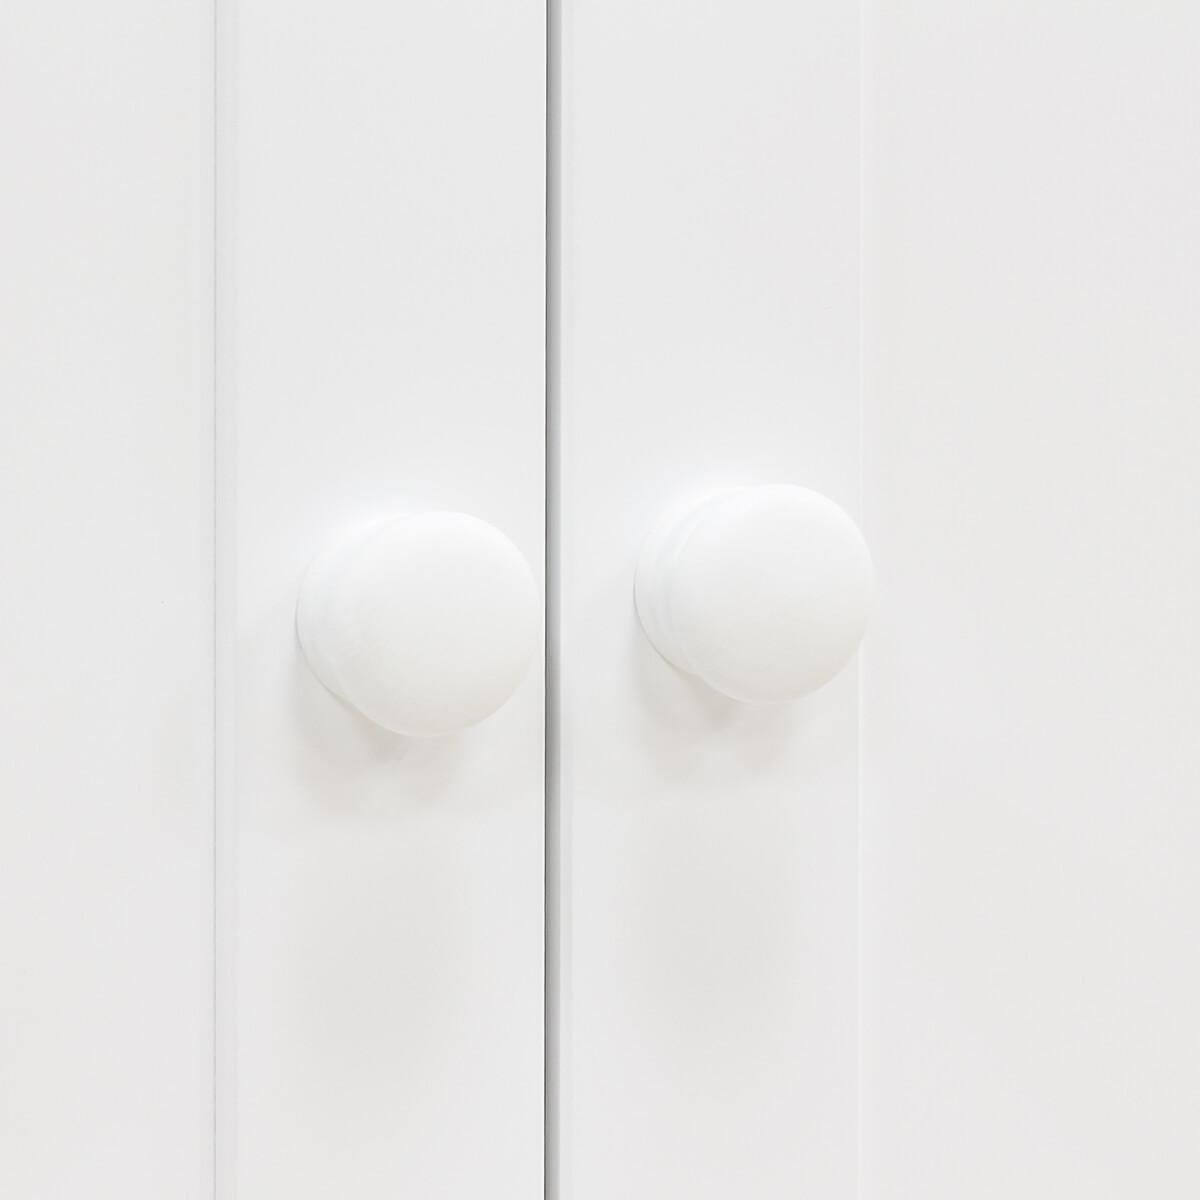 Kleiderschrank 2 Türen BELLE Bopita weiß